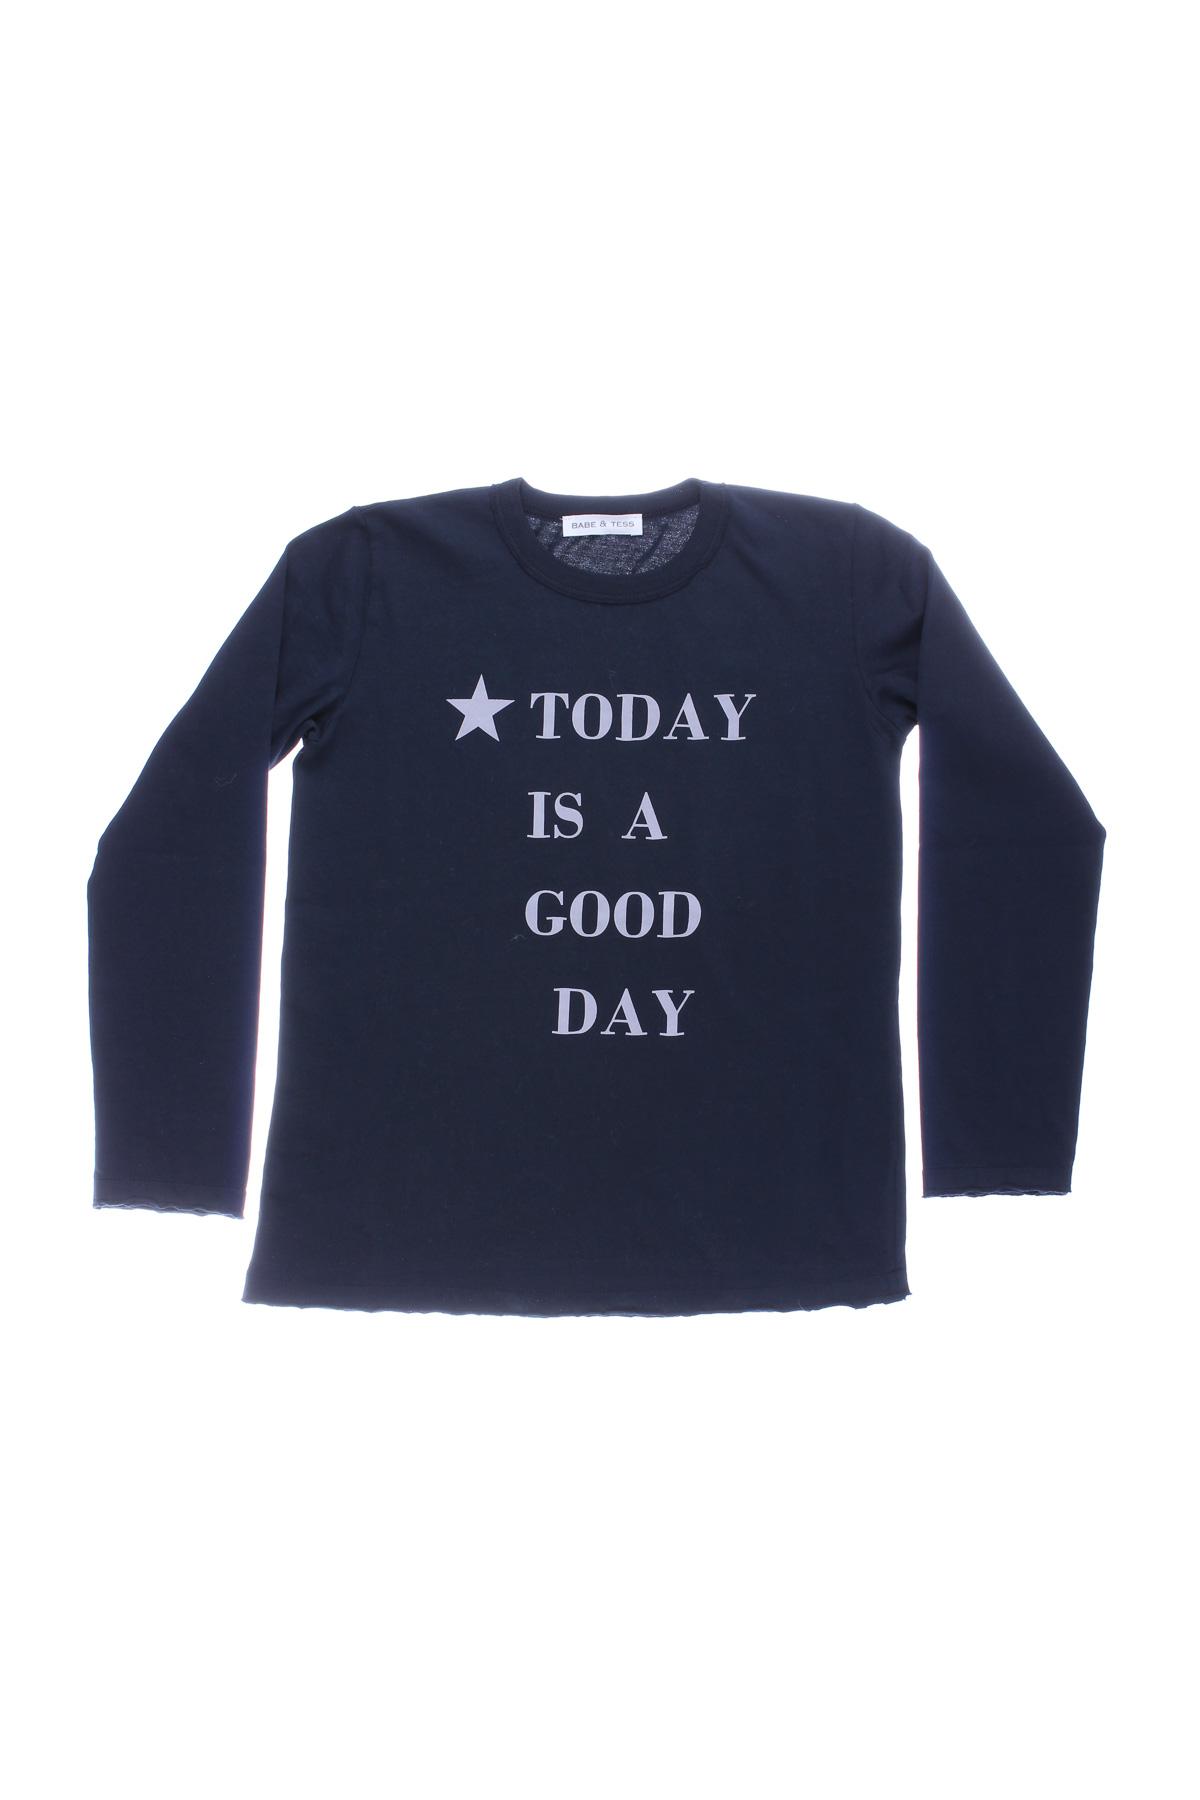 69d3bc332 Long sleeved t-shirt - BABE & TESS - Virno